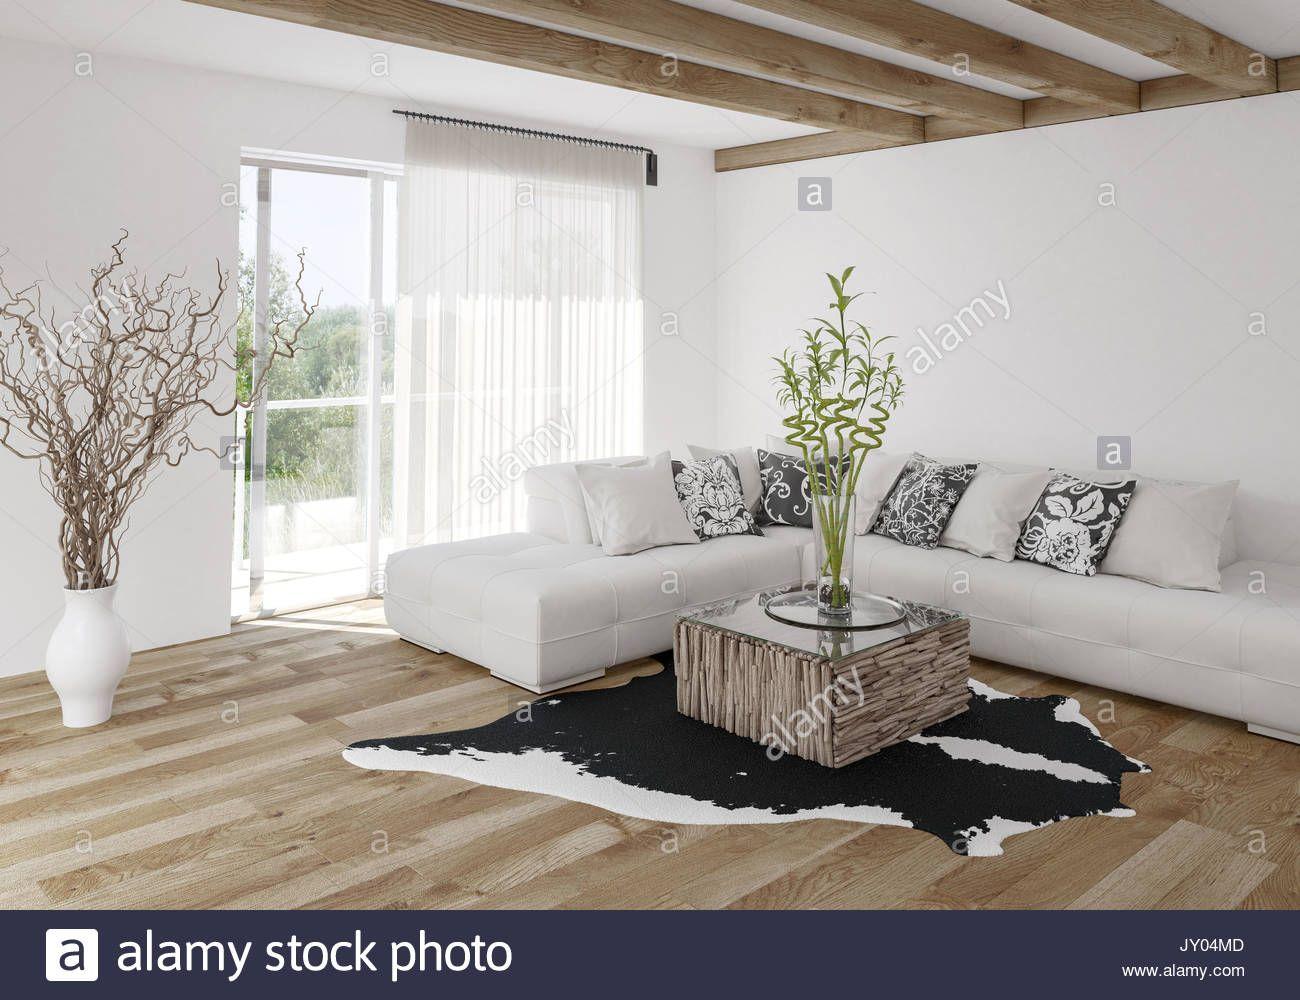 5 Herrlich Galerie Von Holzbalken Wohnzimmer Modern  Wohnzimmer